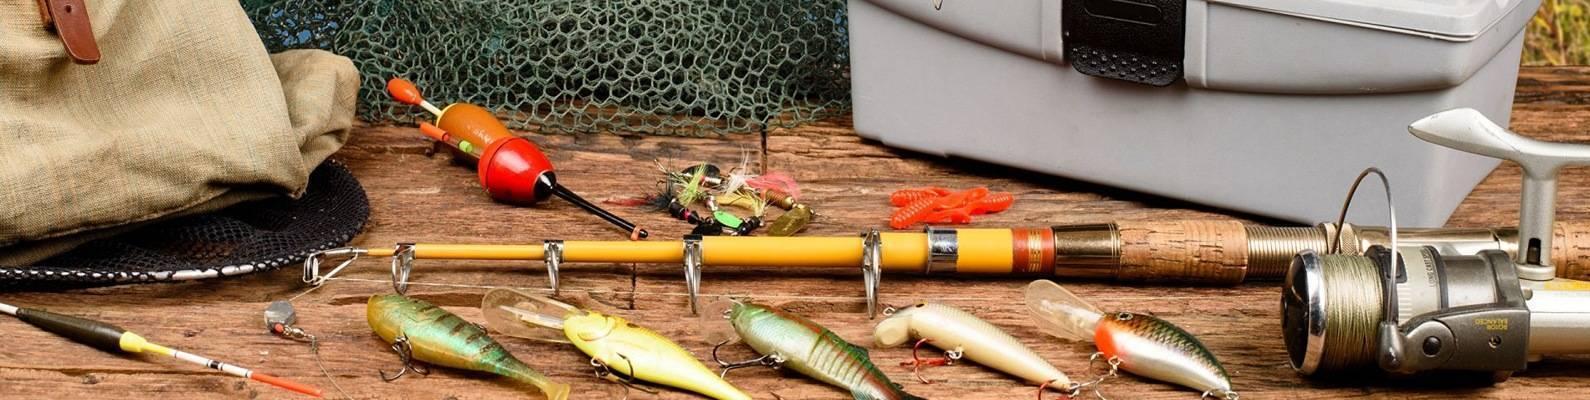 Ловля плотвы в декабре - читайте на сatcher.fish